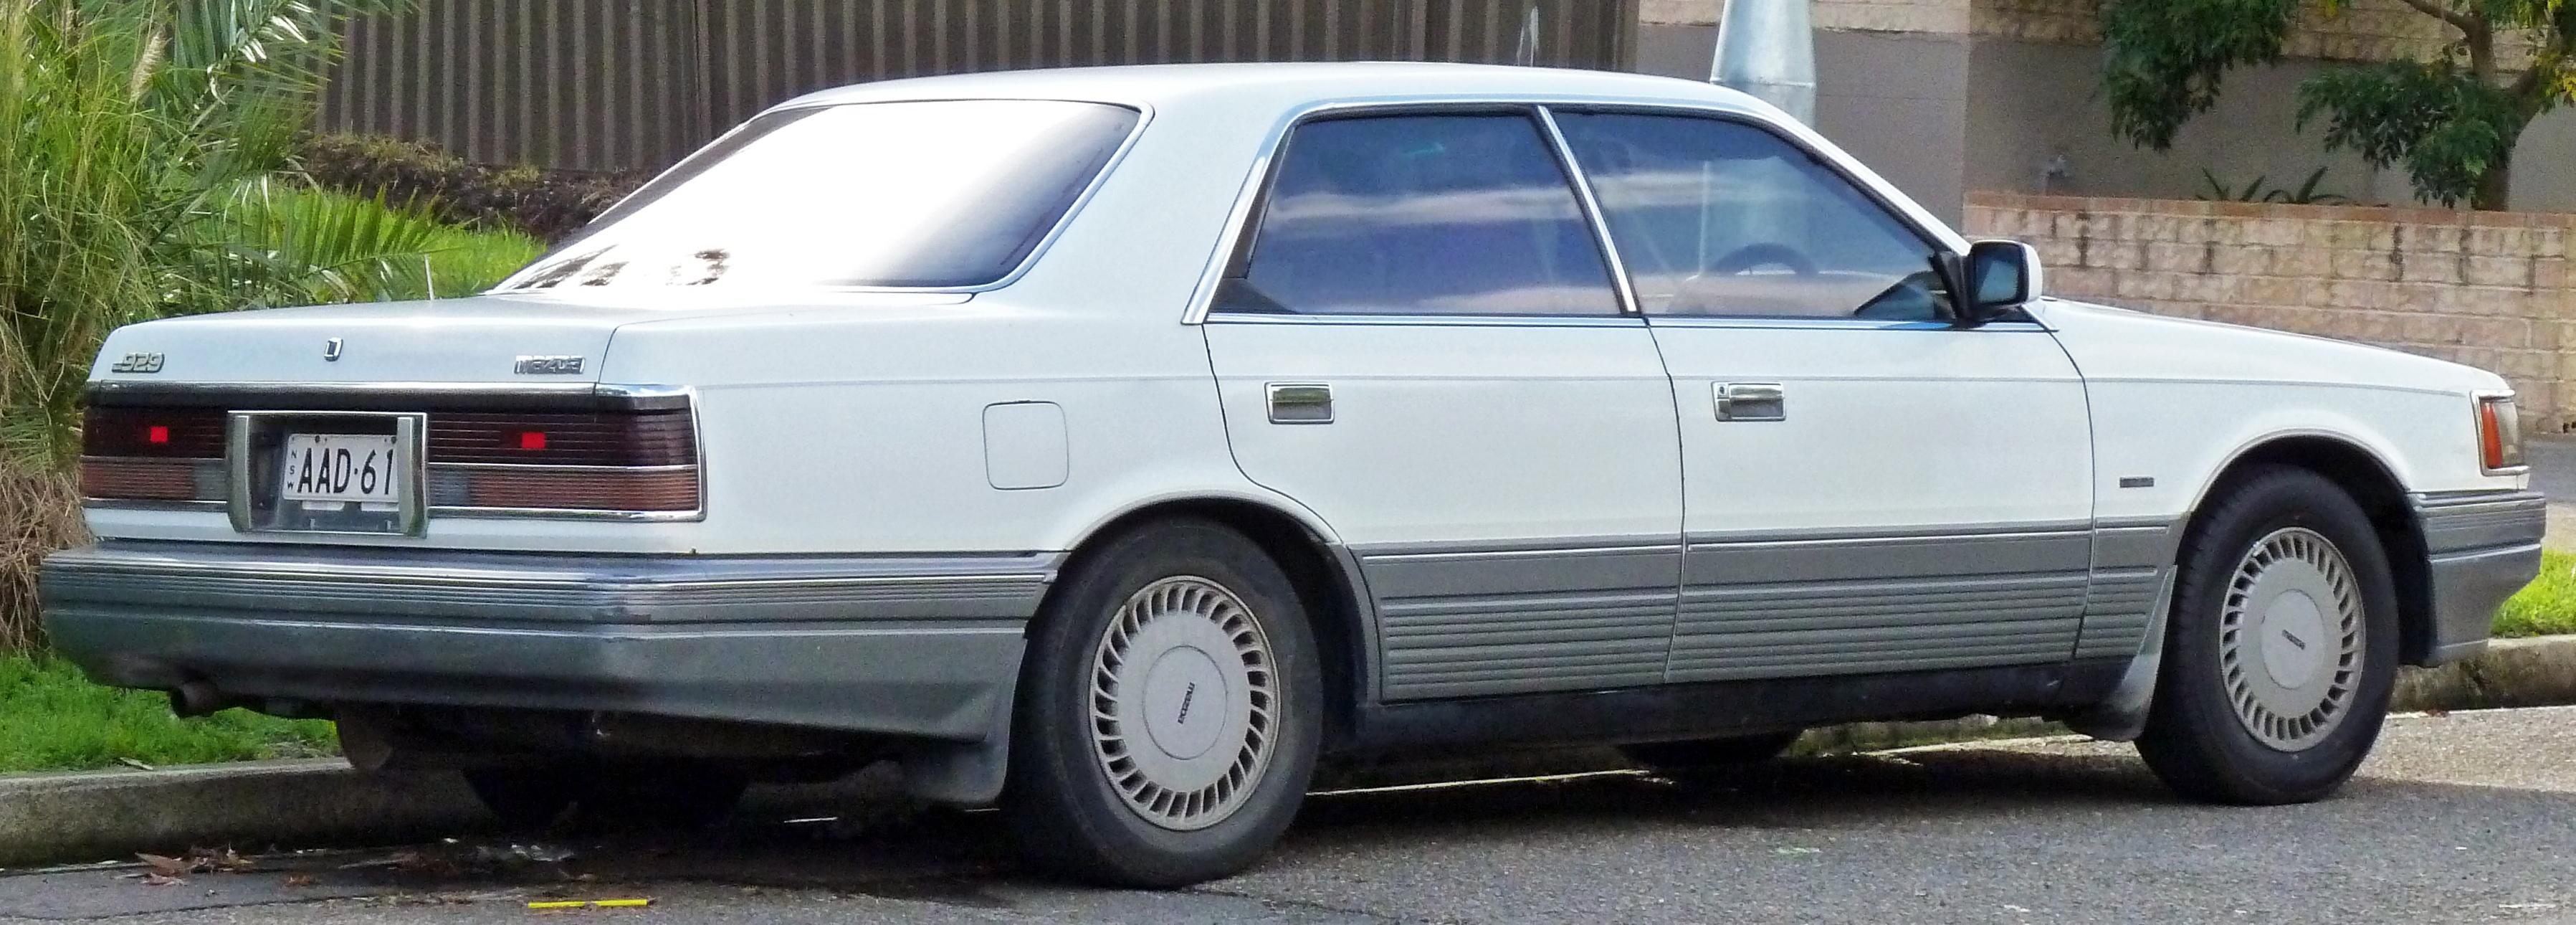 Mazda Luce V 1986 - 1990 Sedan #1